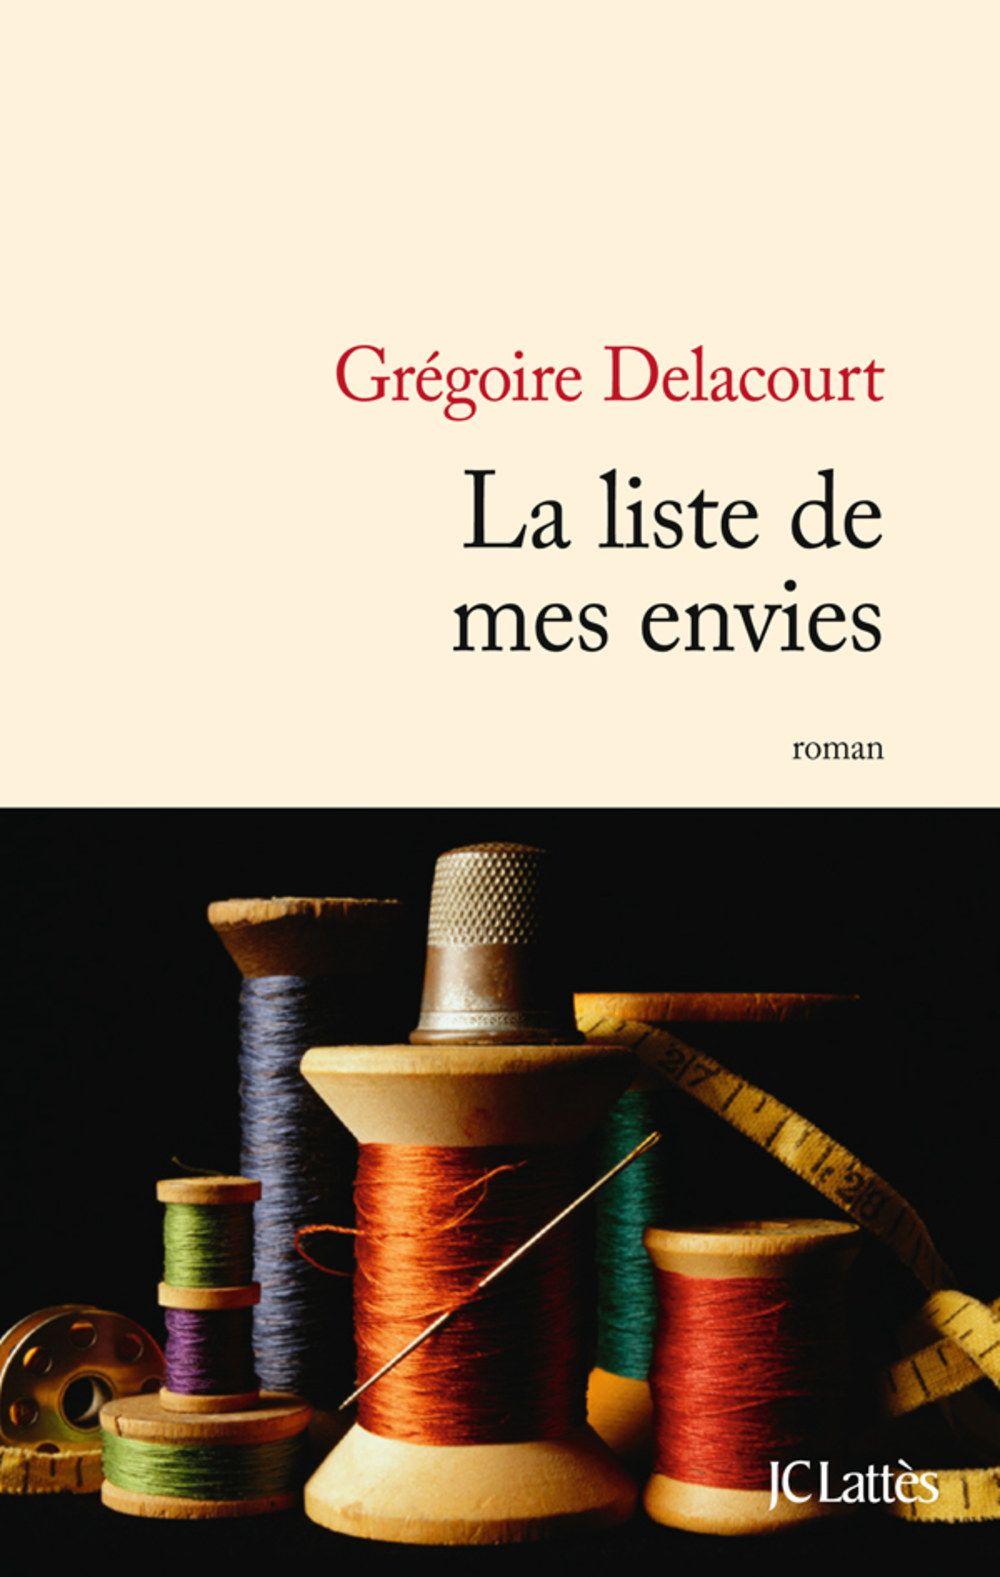 Best Sellers Francais Meilleures Ventes Livres Liste De Mes Envies Livres A Lire Lecture